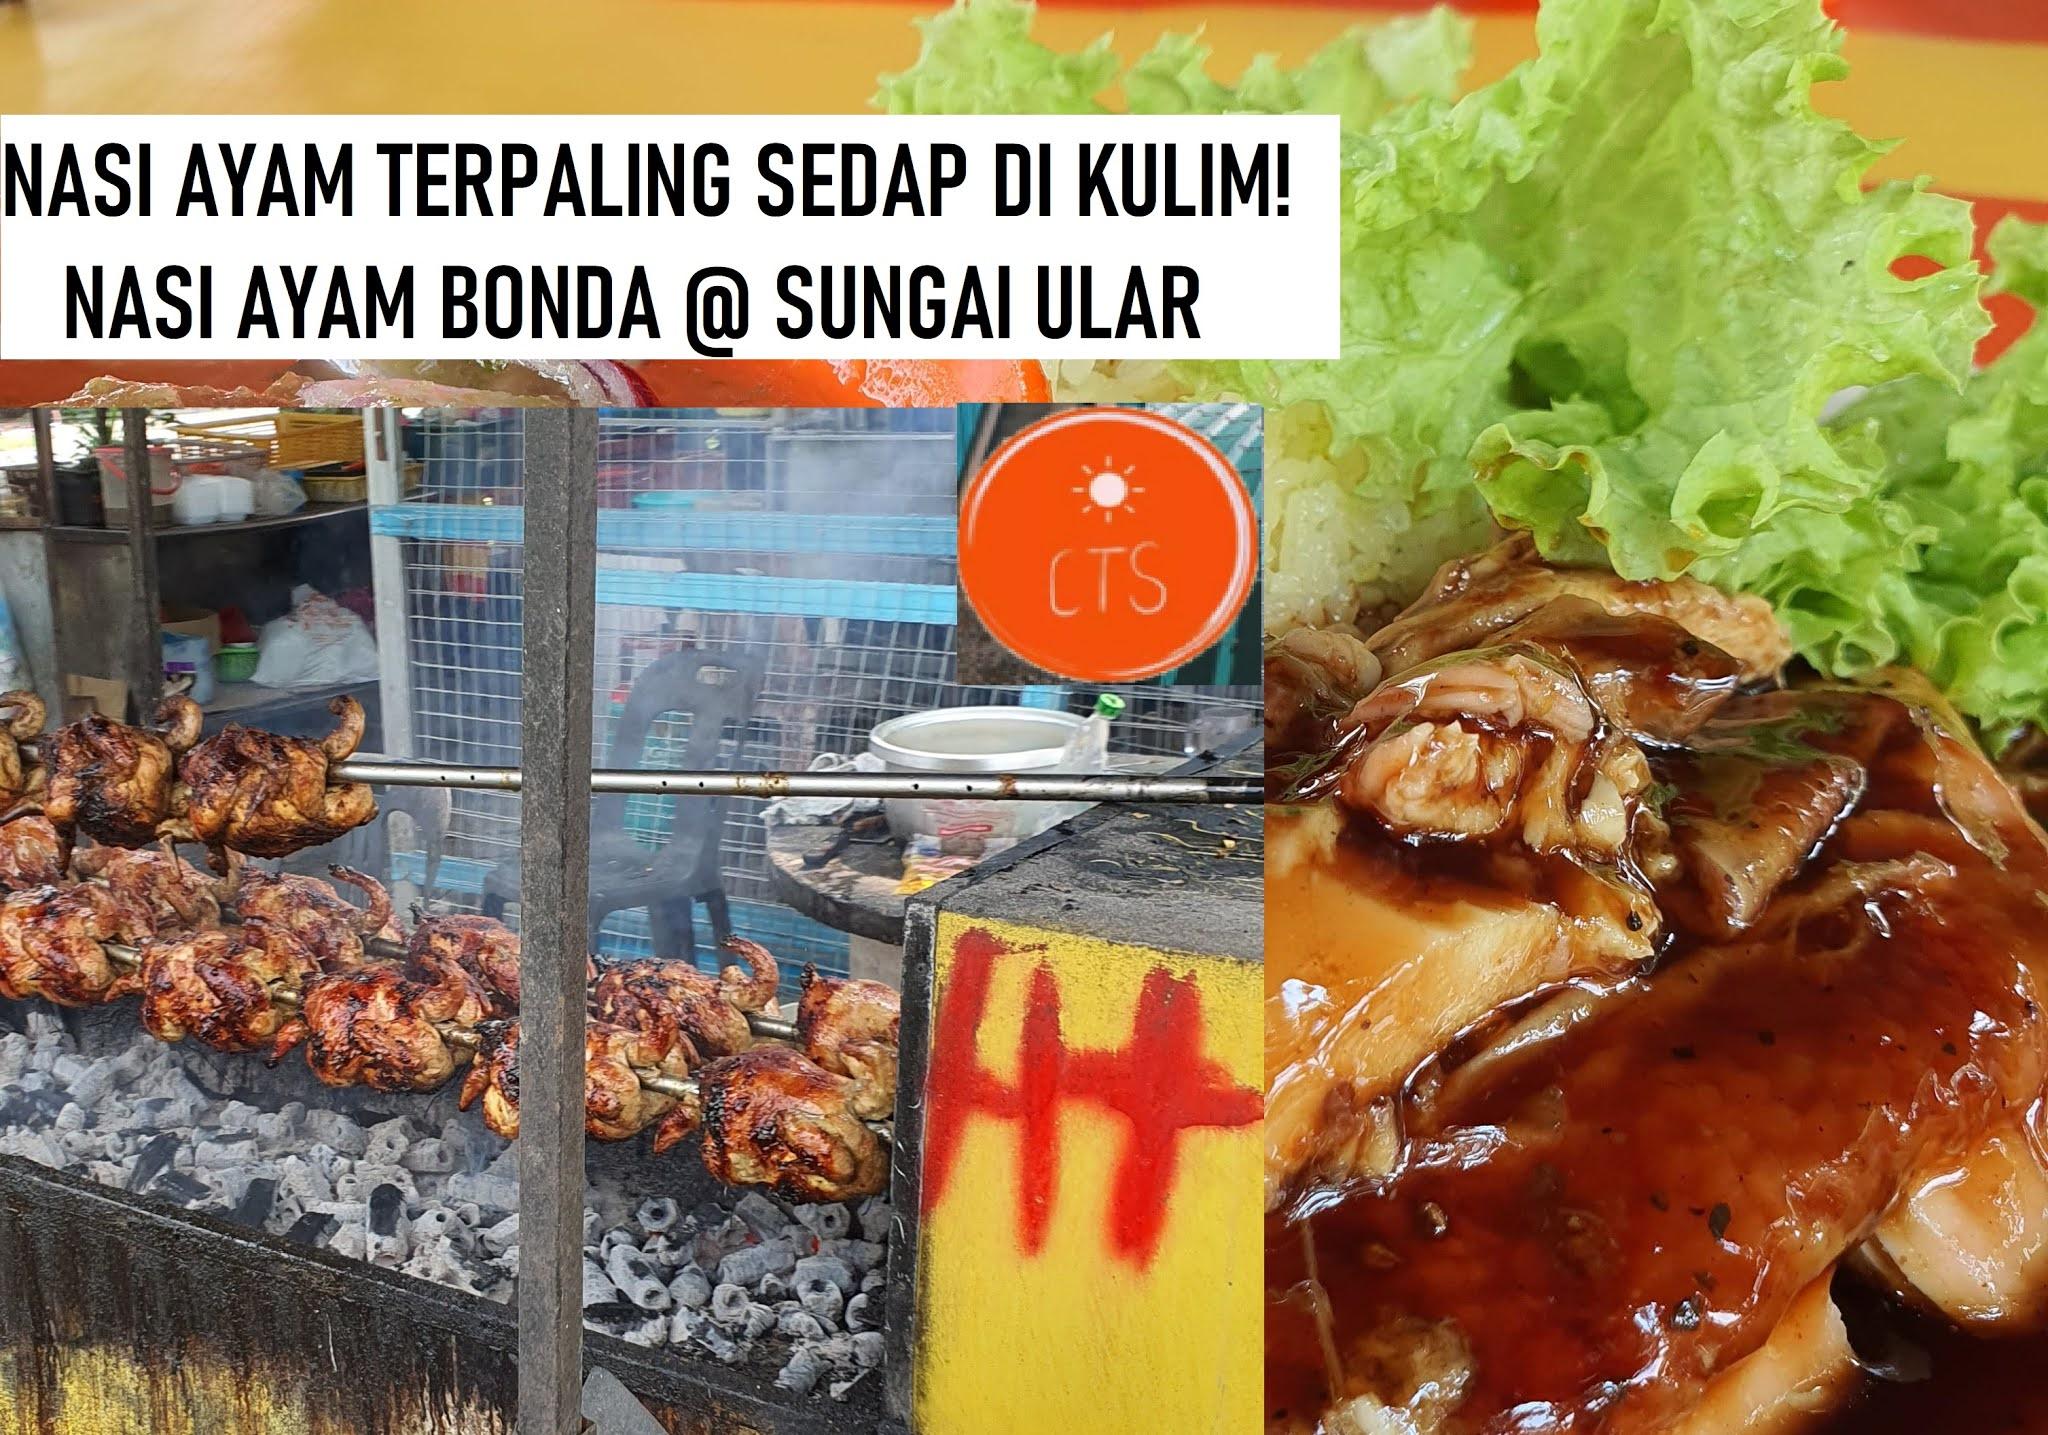 Tempat Makan Best Di Kulim | Nasi Ayam 5 Bintang di Warung Nasi Ayam Bonda